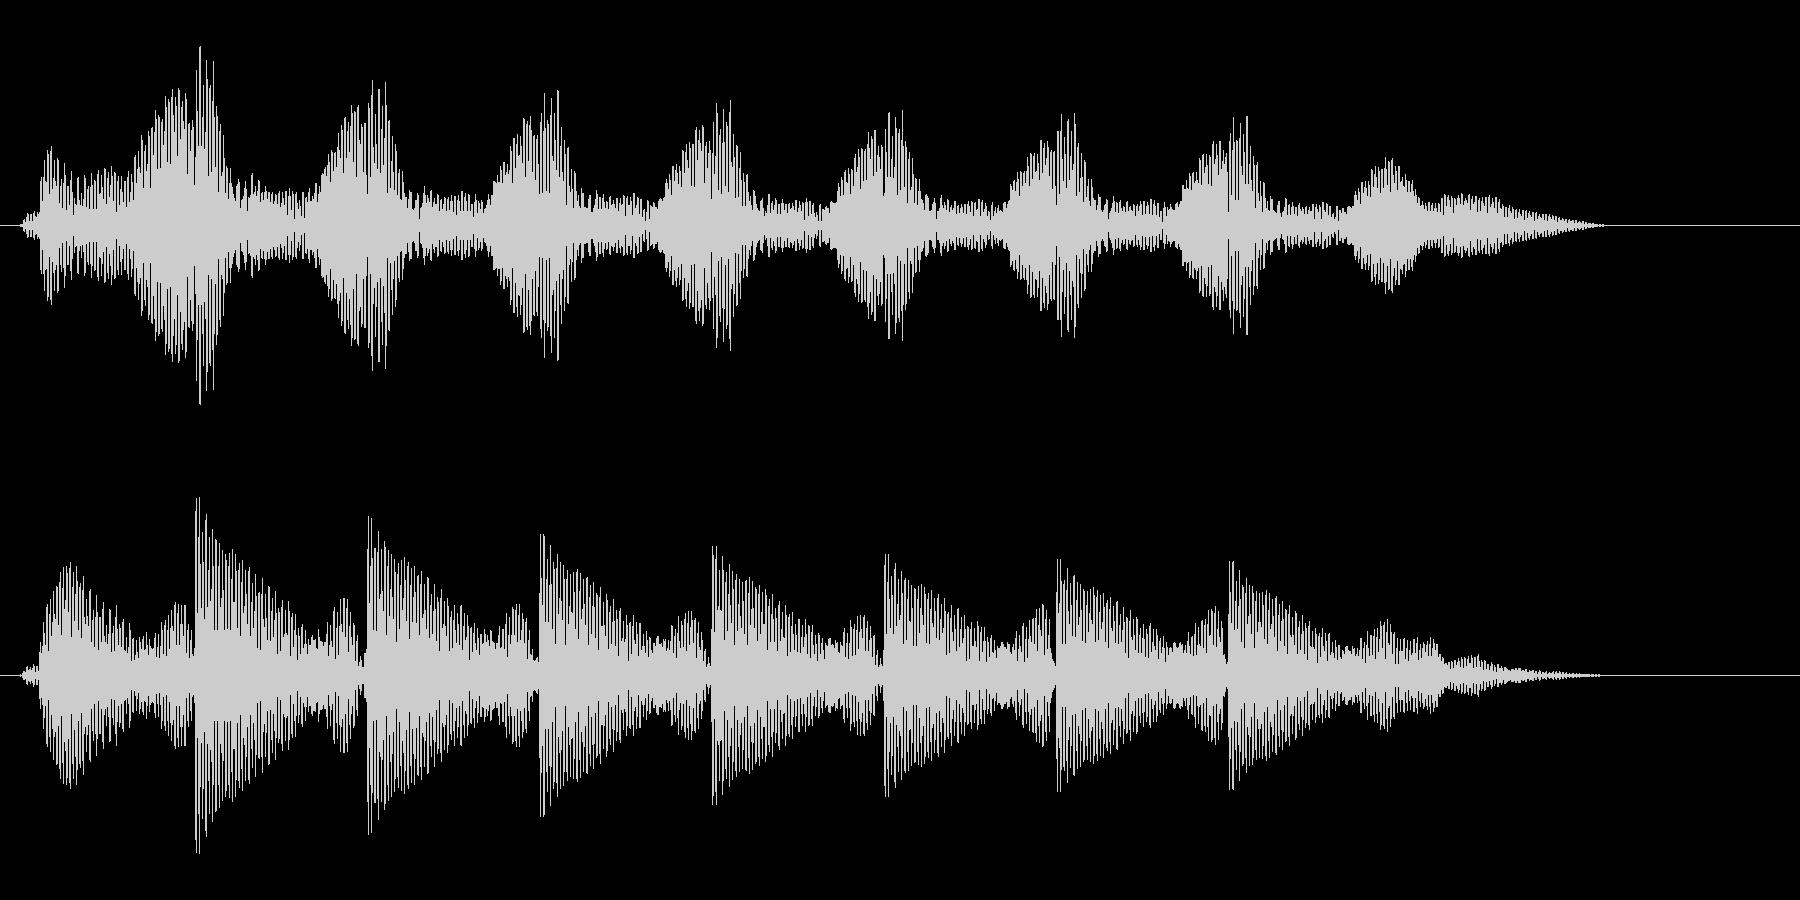 タタタタタタという文字の打ち込み音の未再生の波形